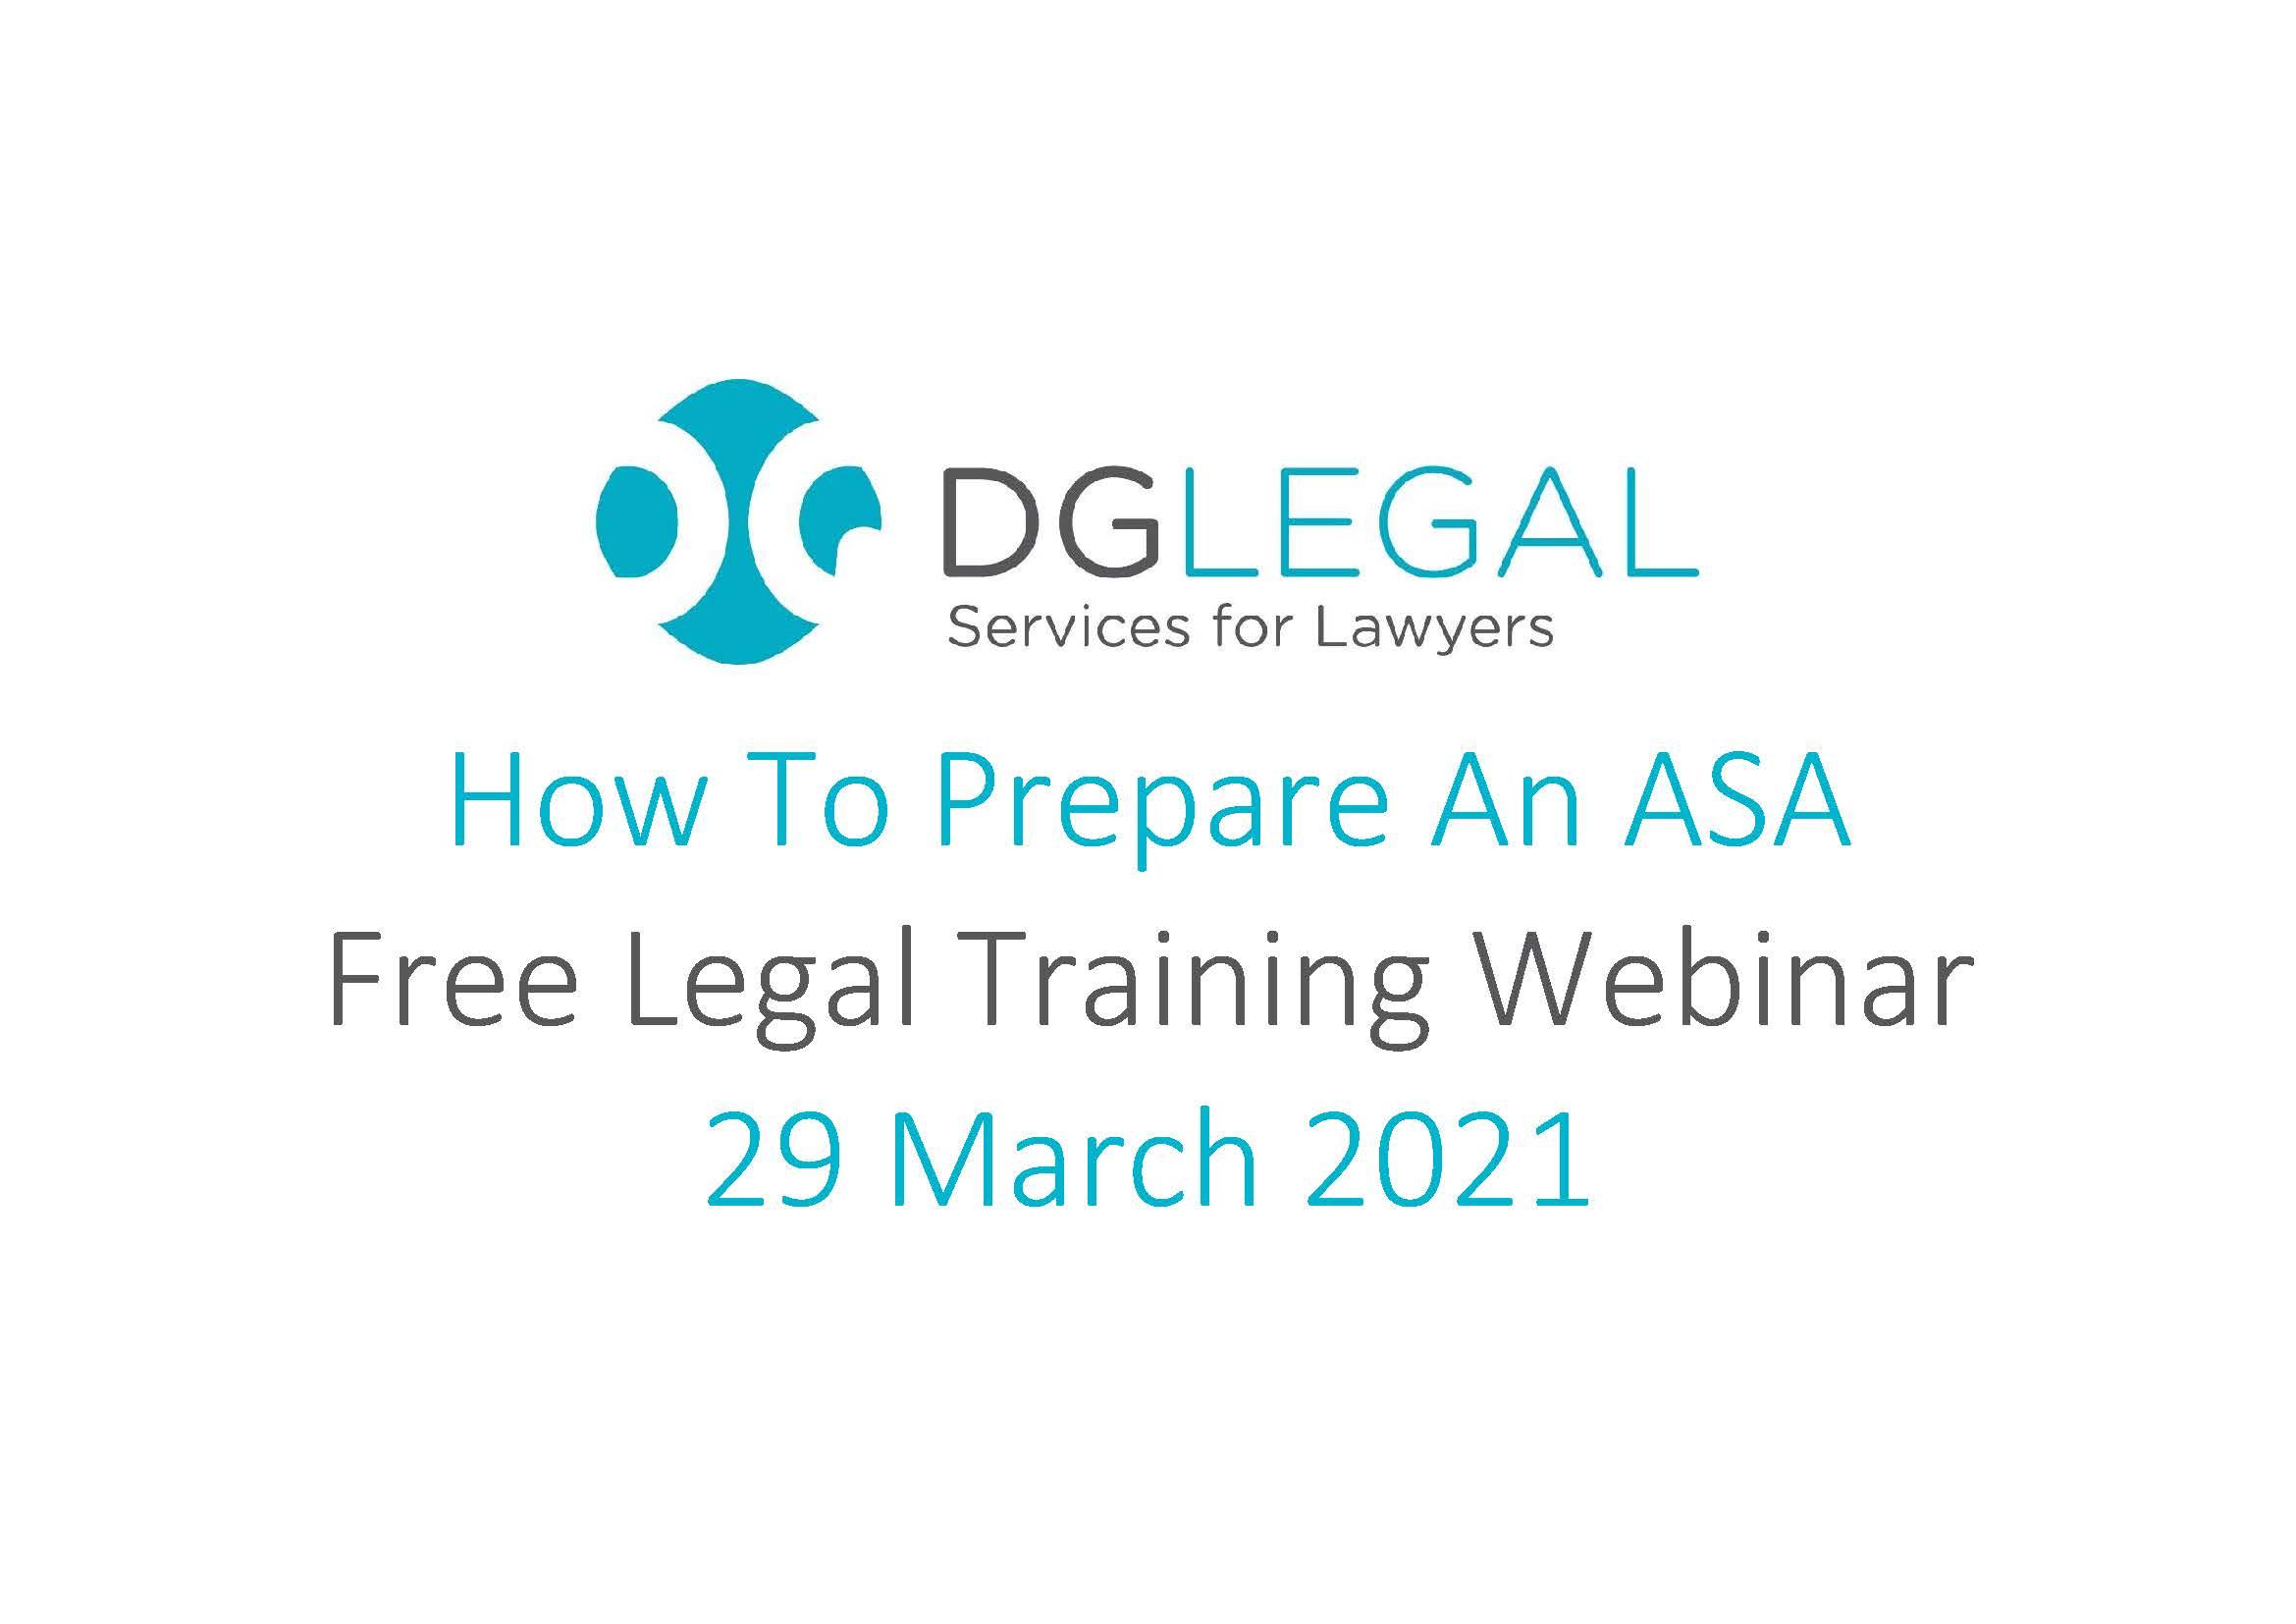 How To Prepare An ASA Webinar